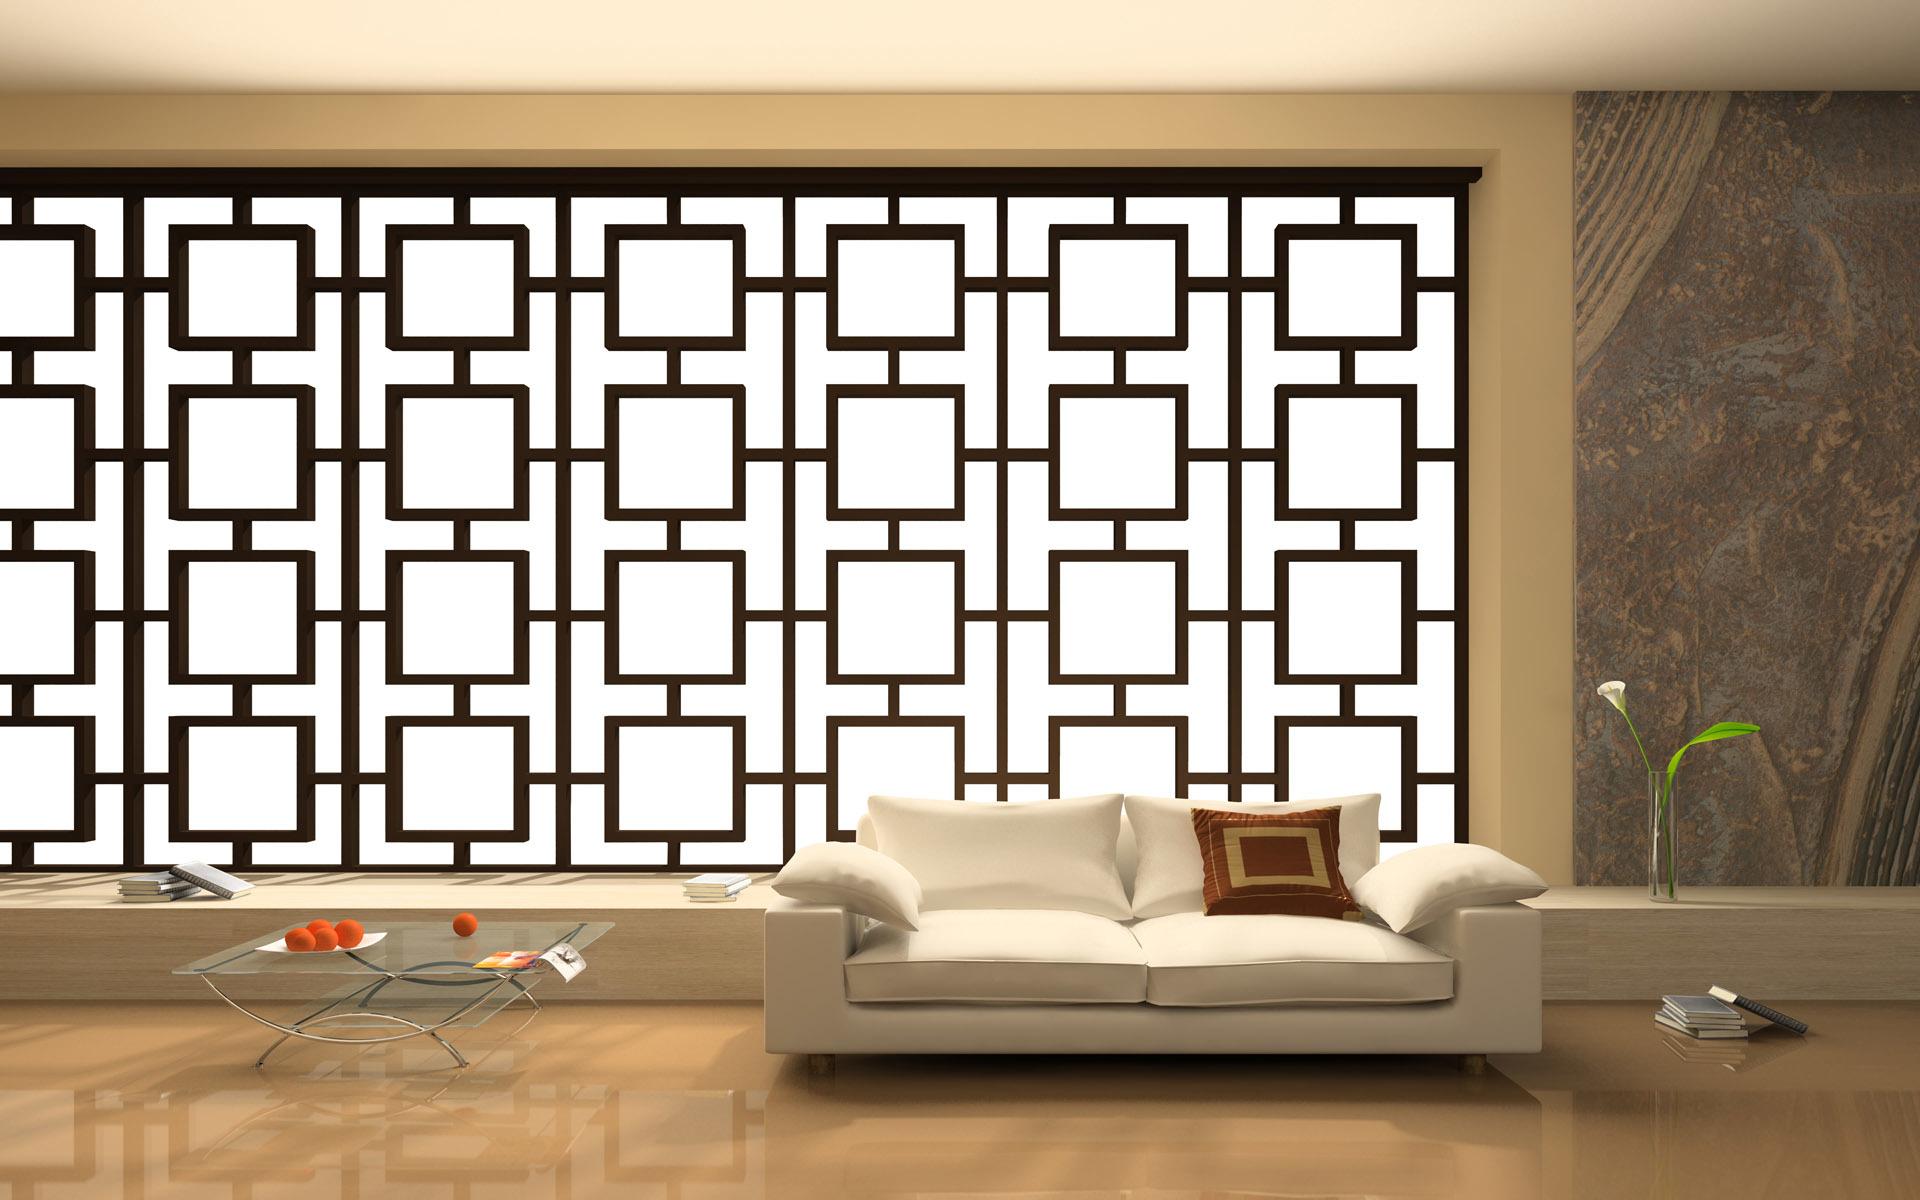 """Традиционно помещение разделяется на зоны ширмой (в современном дизайне вместо них используют тканевые панели) или перегородками """"фусума"""", в виде тонкой рамы, обклеенной с двух сторон, пропускающей рассеянный мягкий свет, рисовой бумагой."""